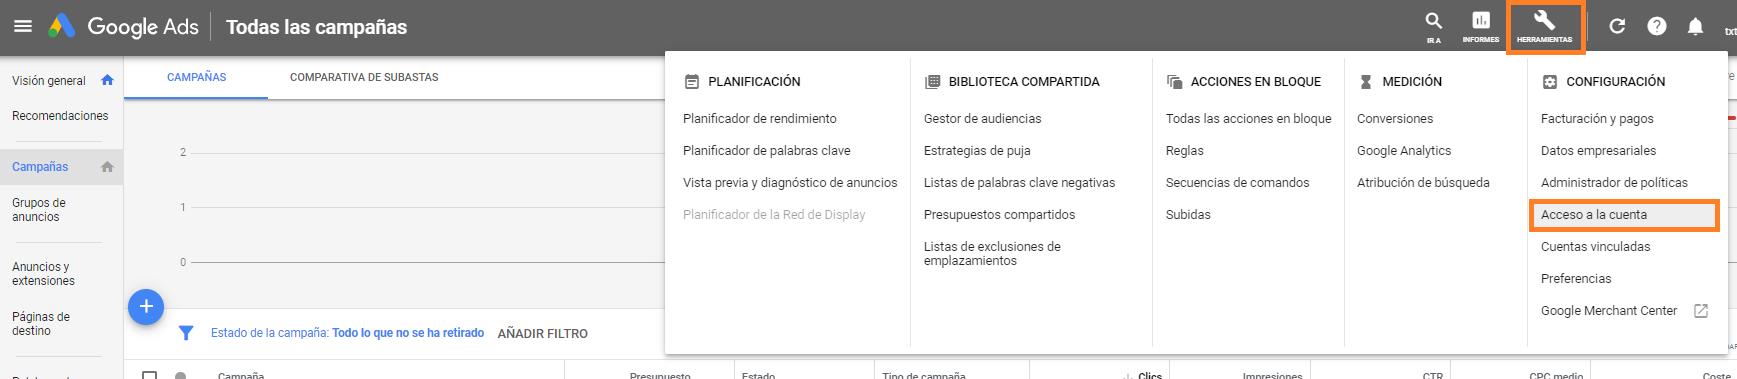 CUENTA MCC DE GOOGLE ADWORDS GOOGLE ADS añadir cuenta CLIENTE HERRAMIENTAS ACCESO A LA CUENTA